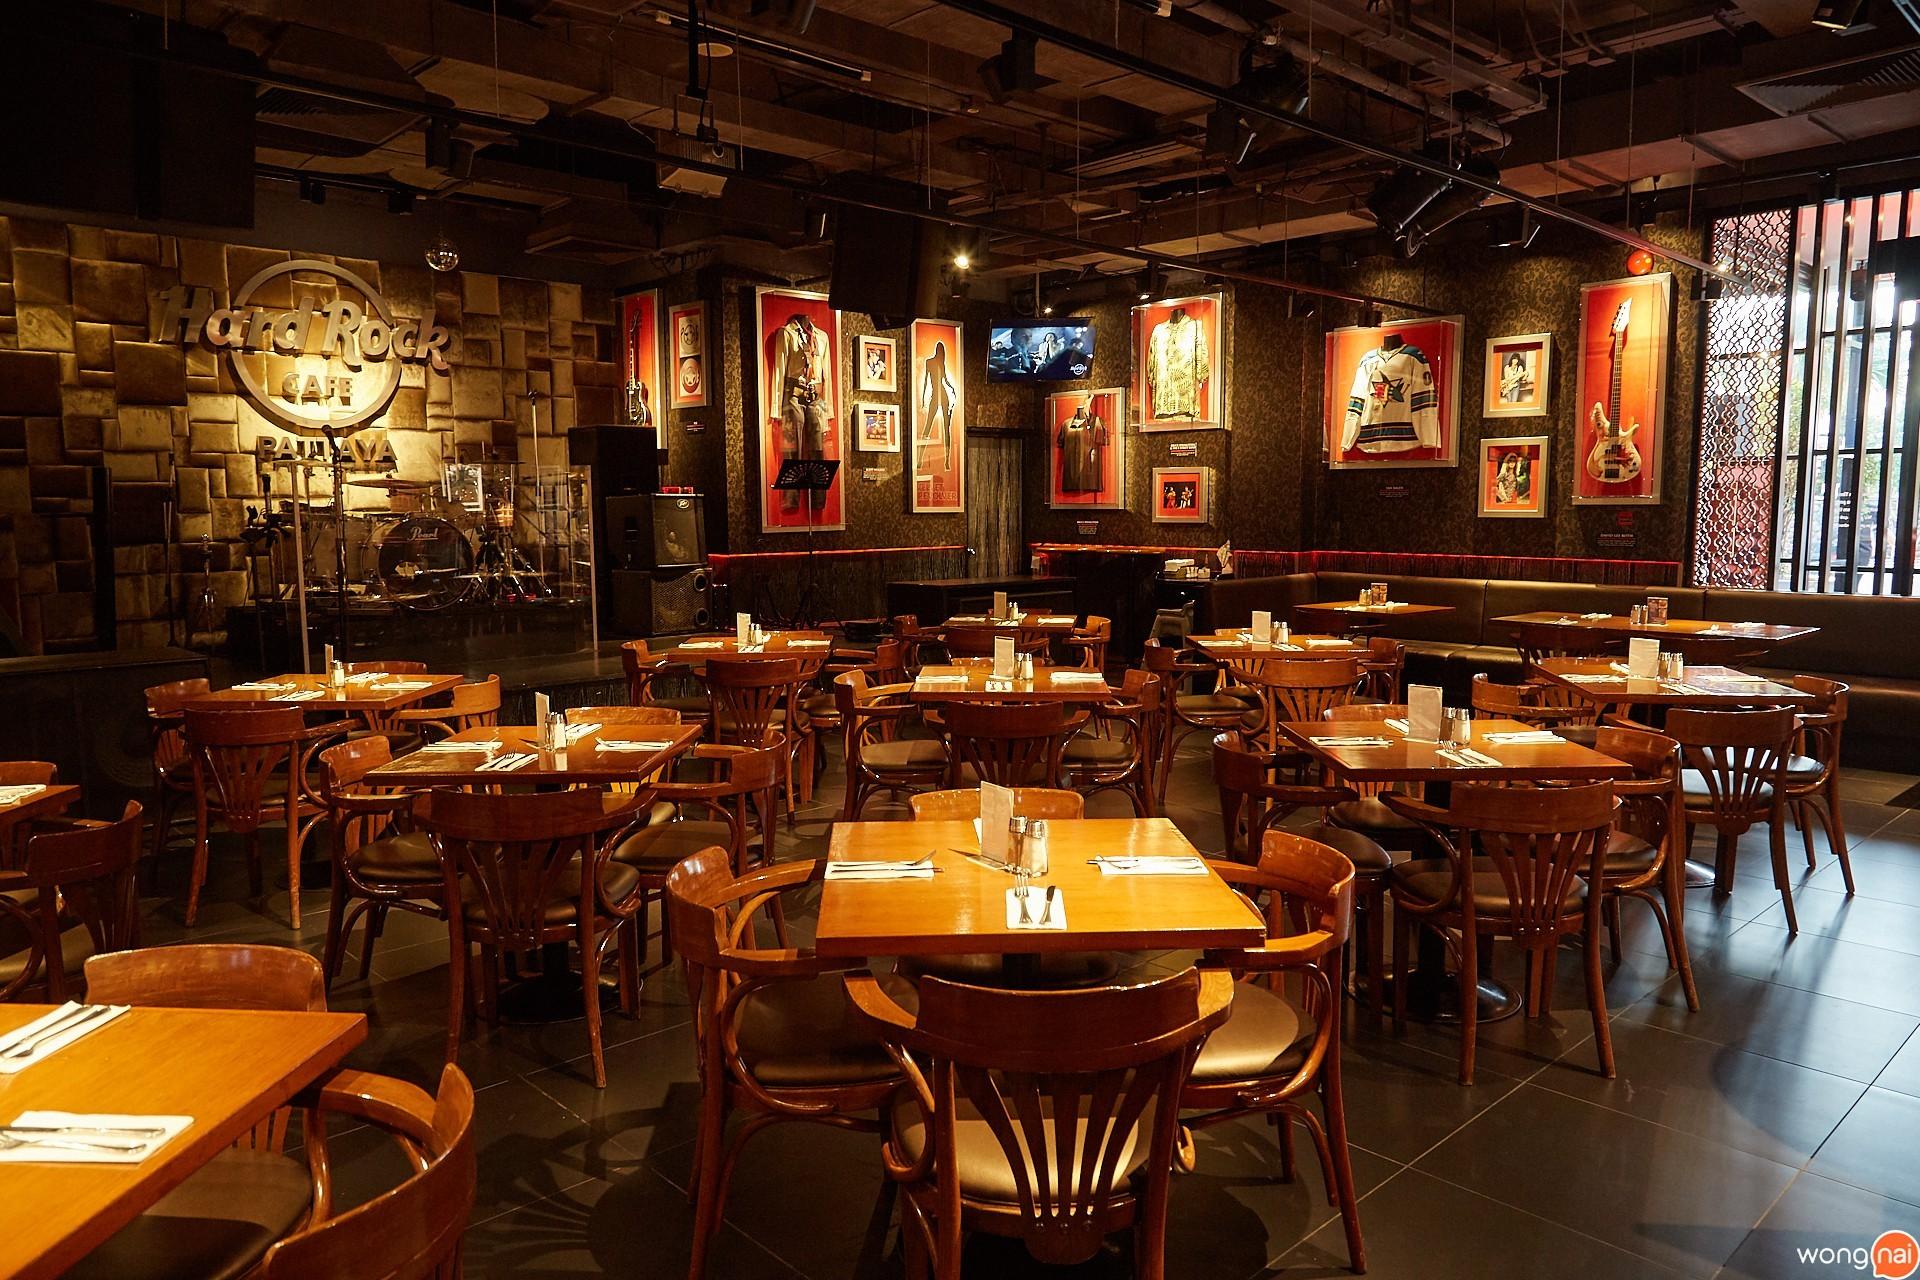 บรรยากาศ Hard Rock cafe pattaya